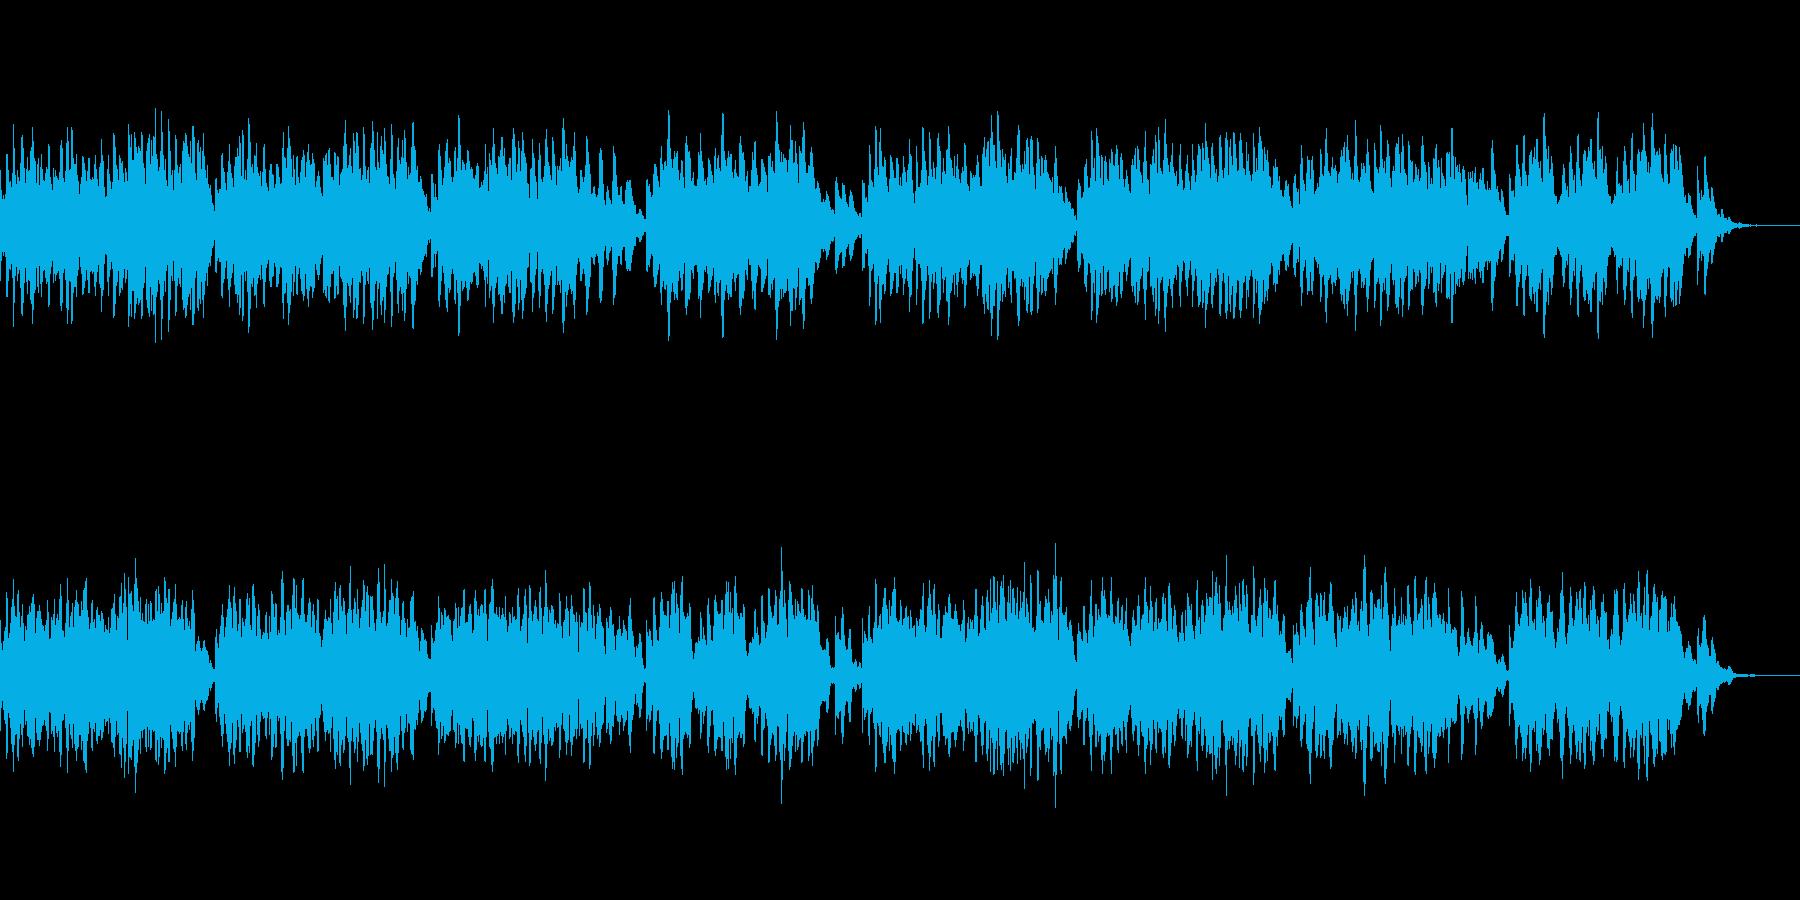 不気味と癒しを両立したホラーBGMの再生済みの波形